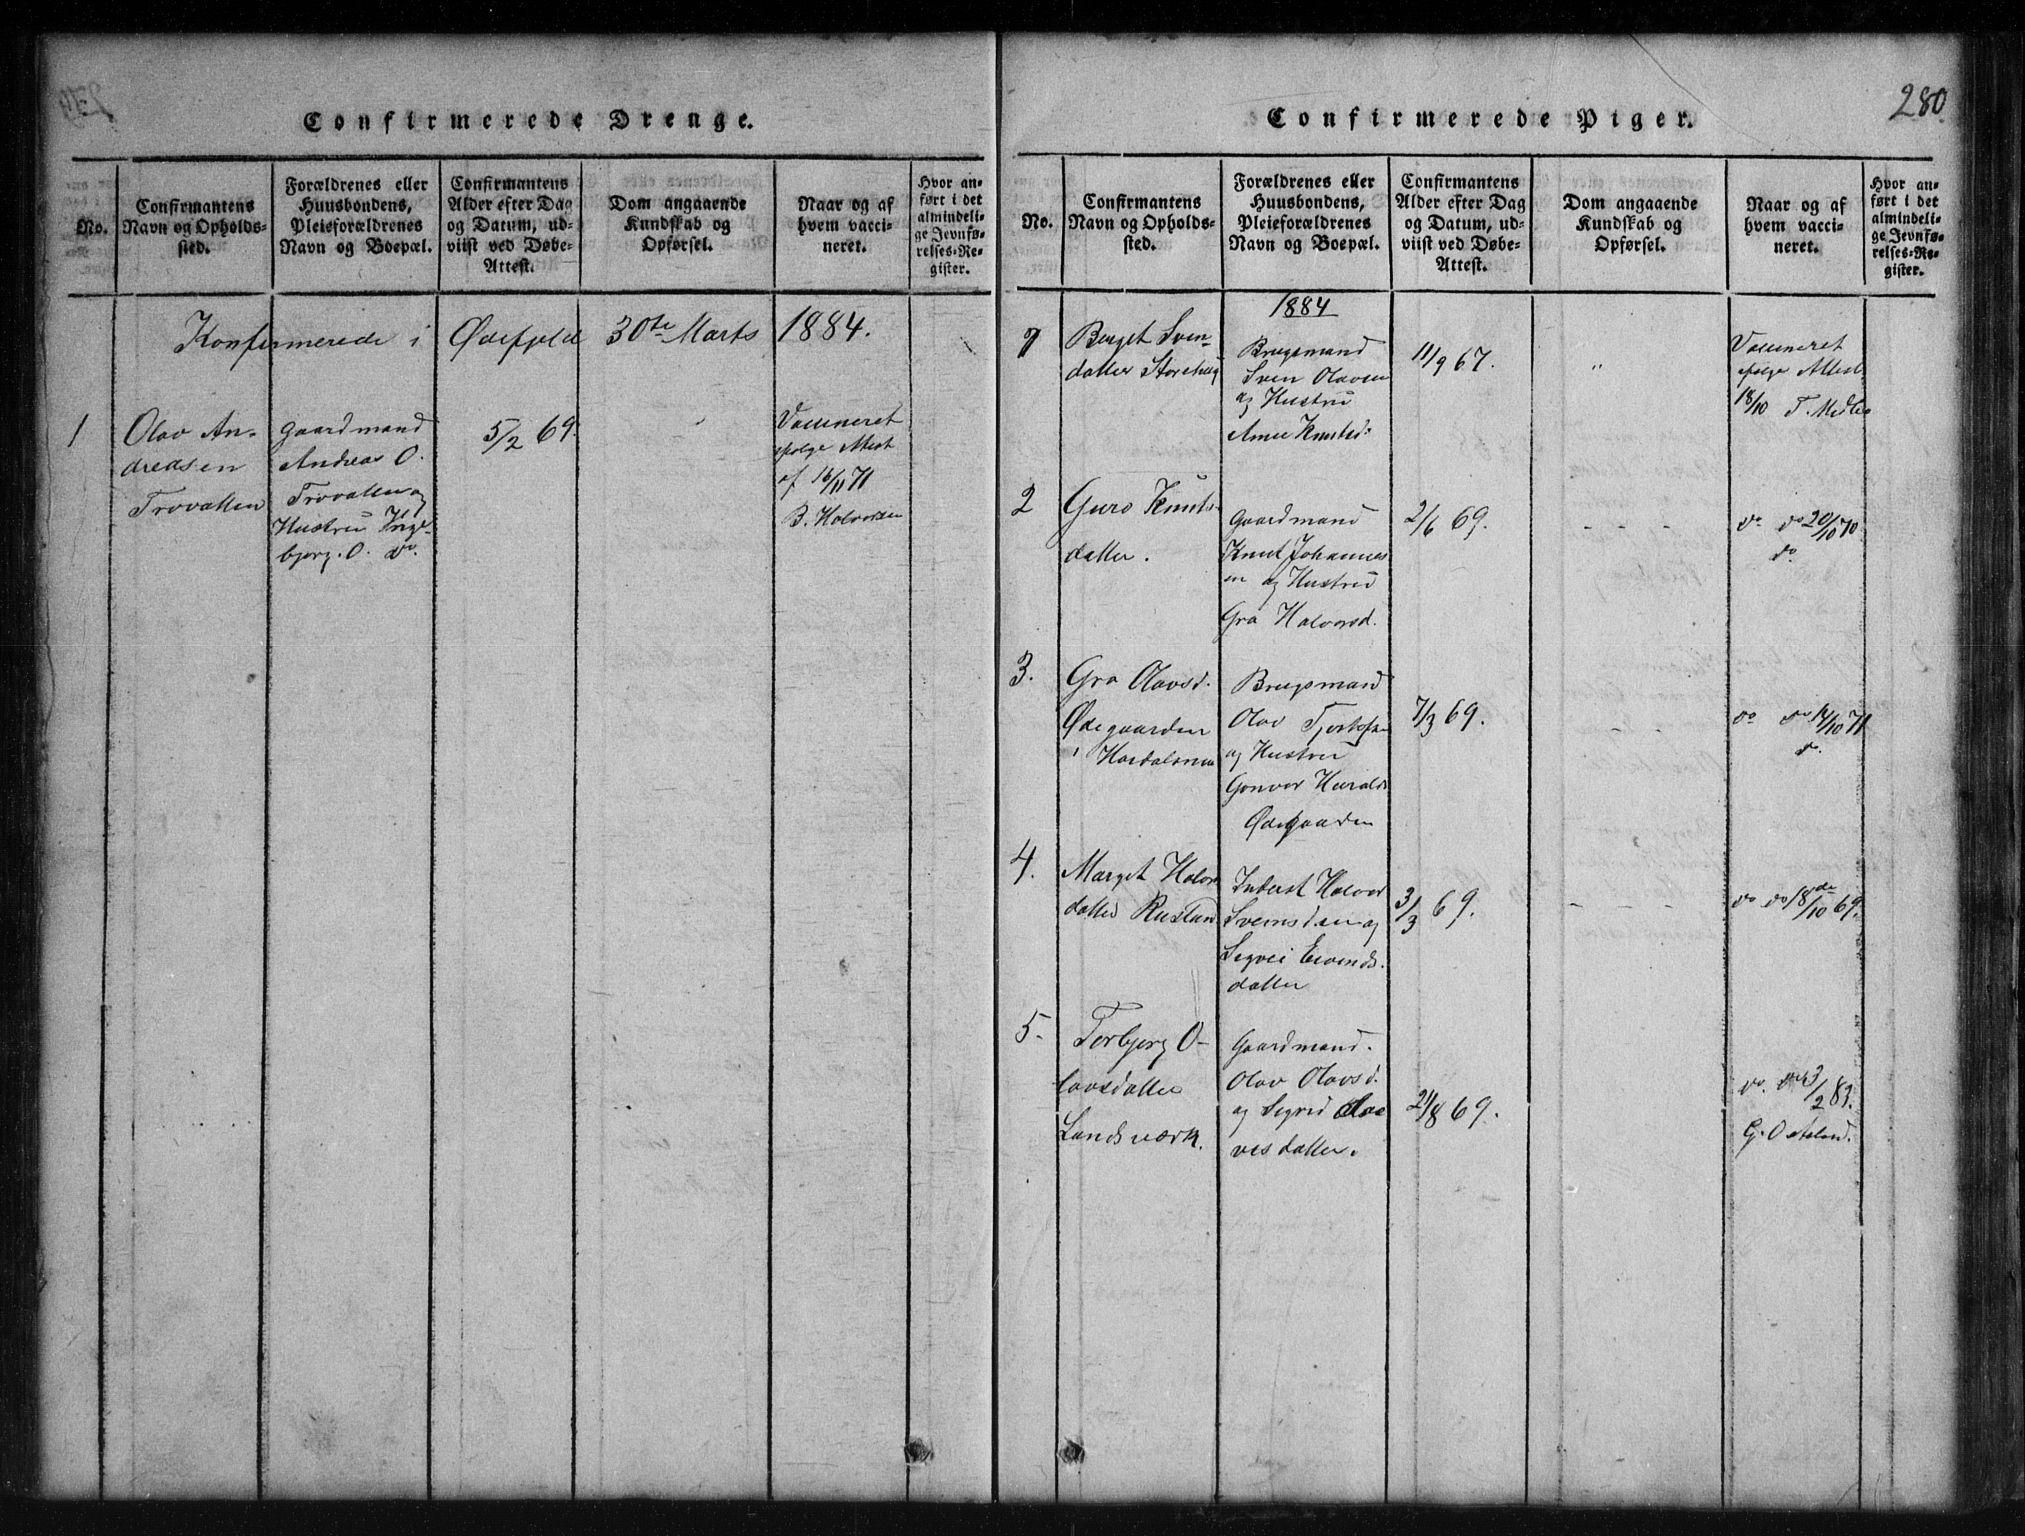 SAKO, Rauland kirkebøker, G/Gb/L0001: Klokkerbok nr. II 1, 1815-1886, s. 280